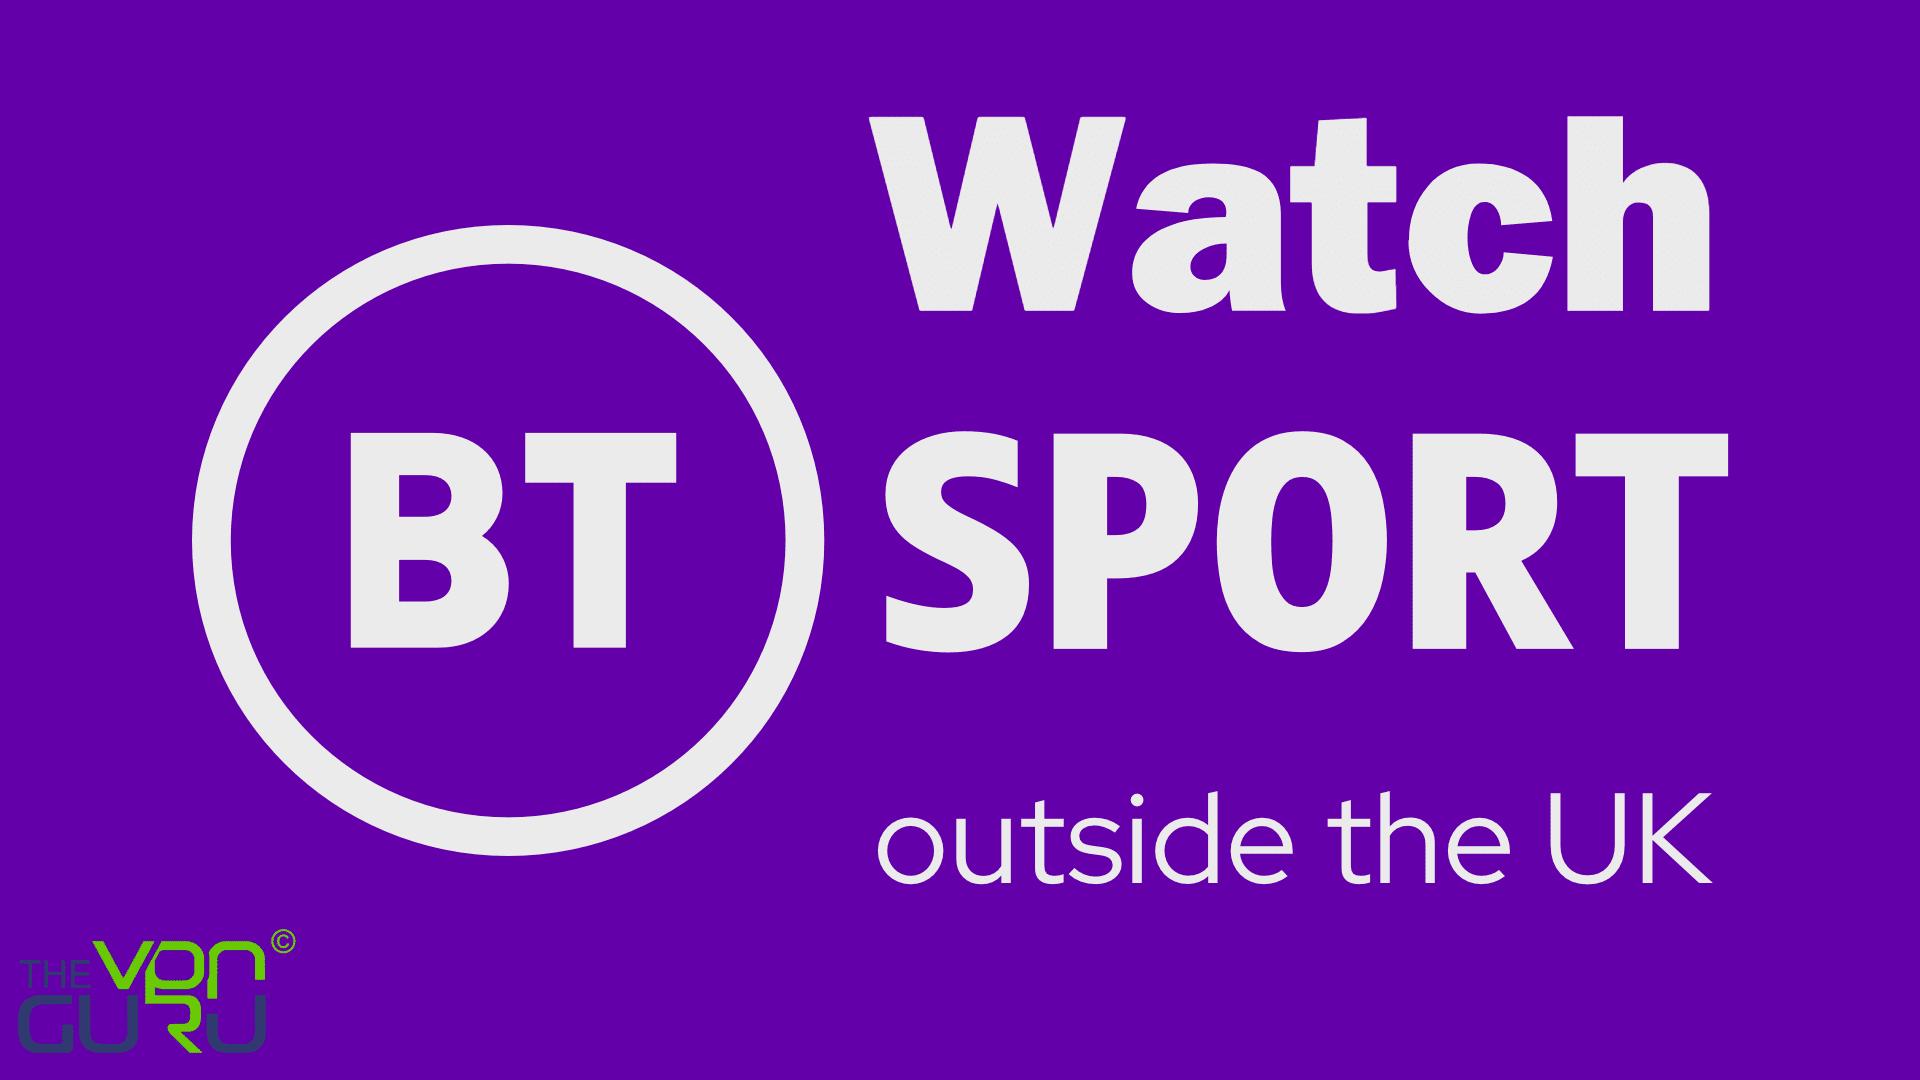 Watch BT Sport outside the UK